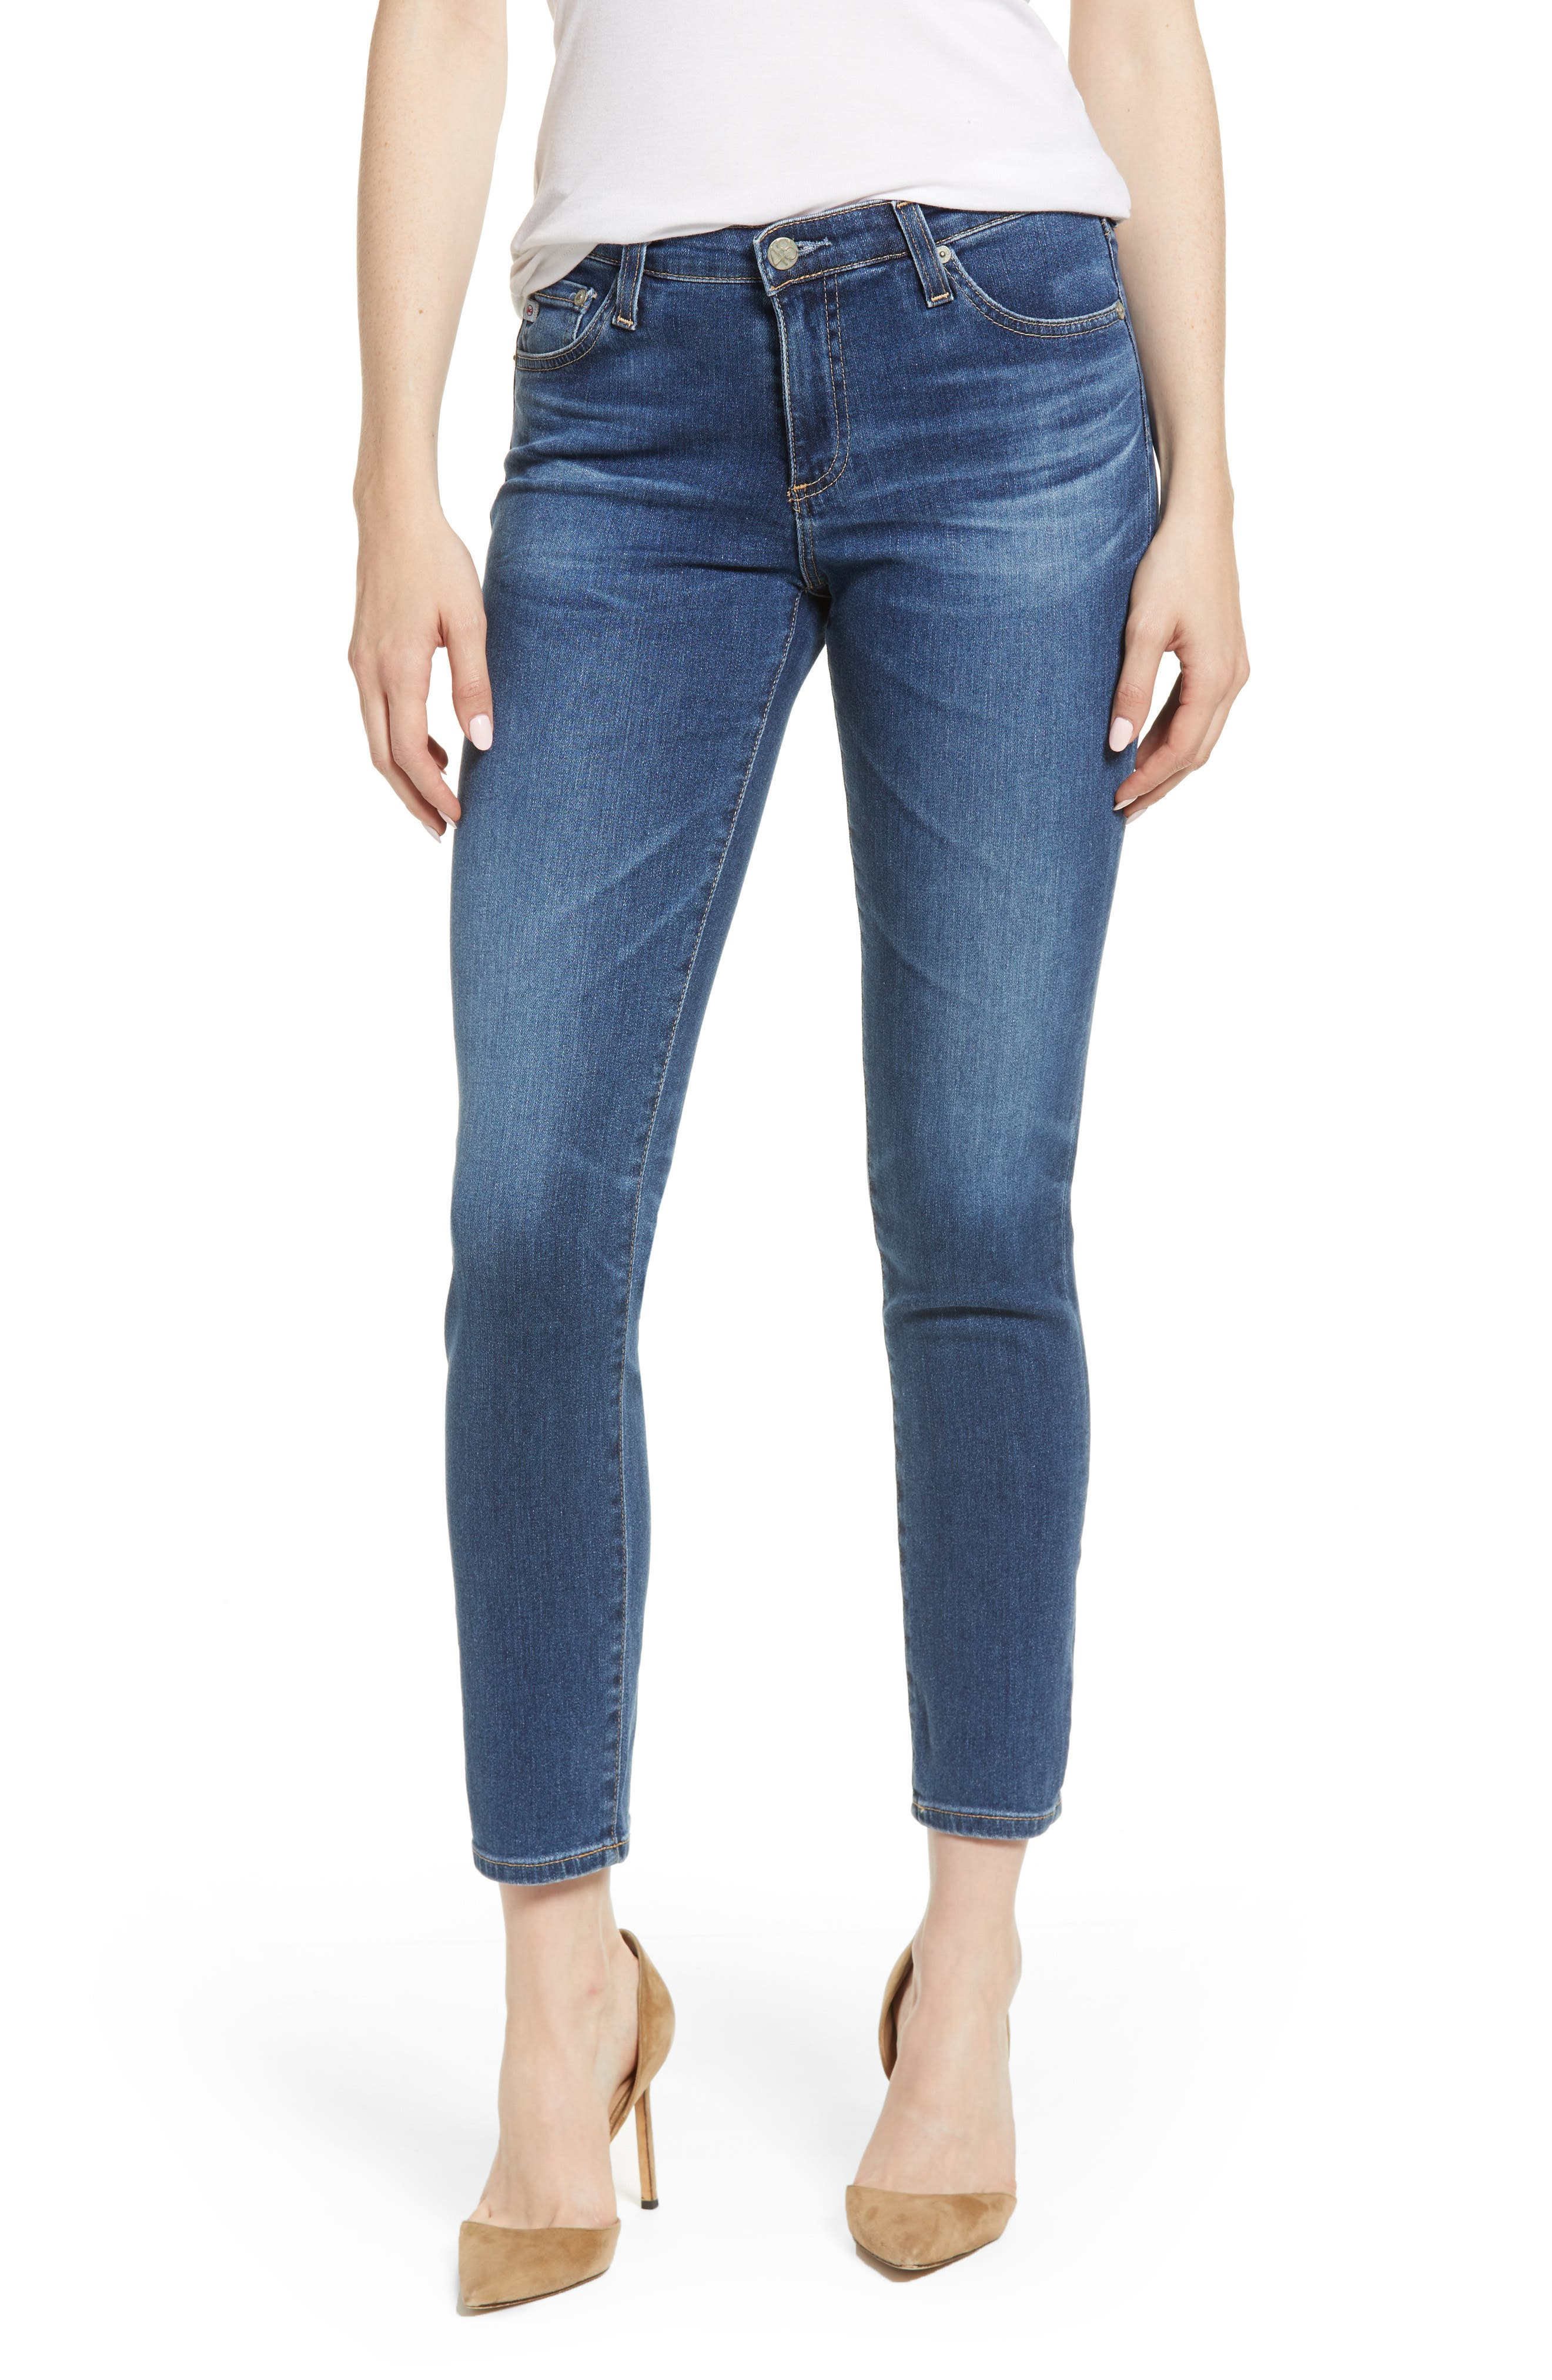 Prima Ankle Cigarette Jeans,                             Main thumbnail 1, color,                             8 YEARS BLUE PORTRAIT